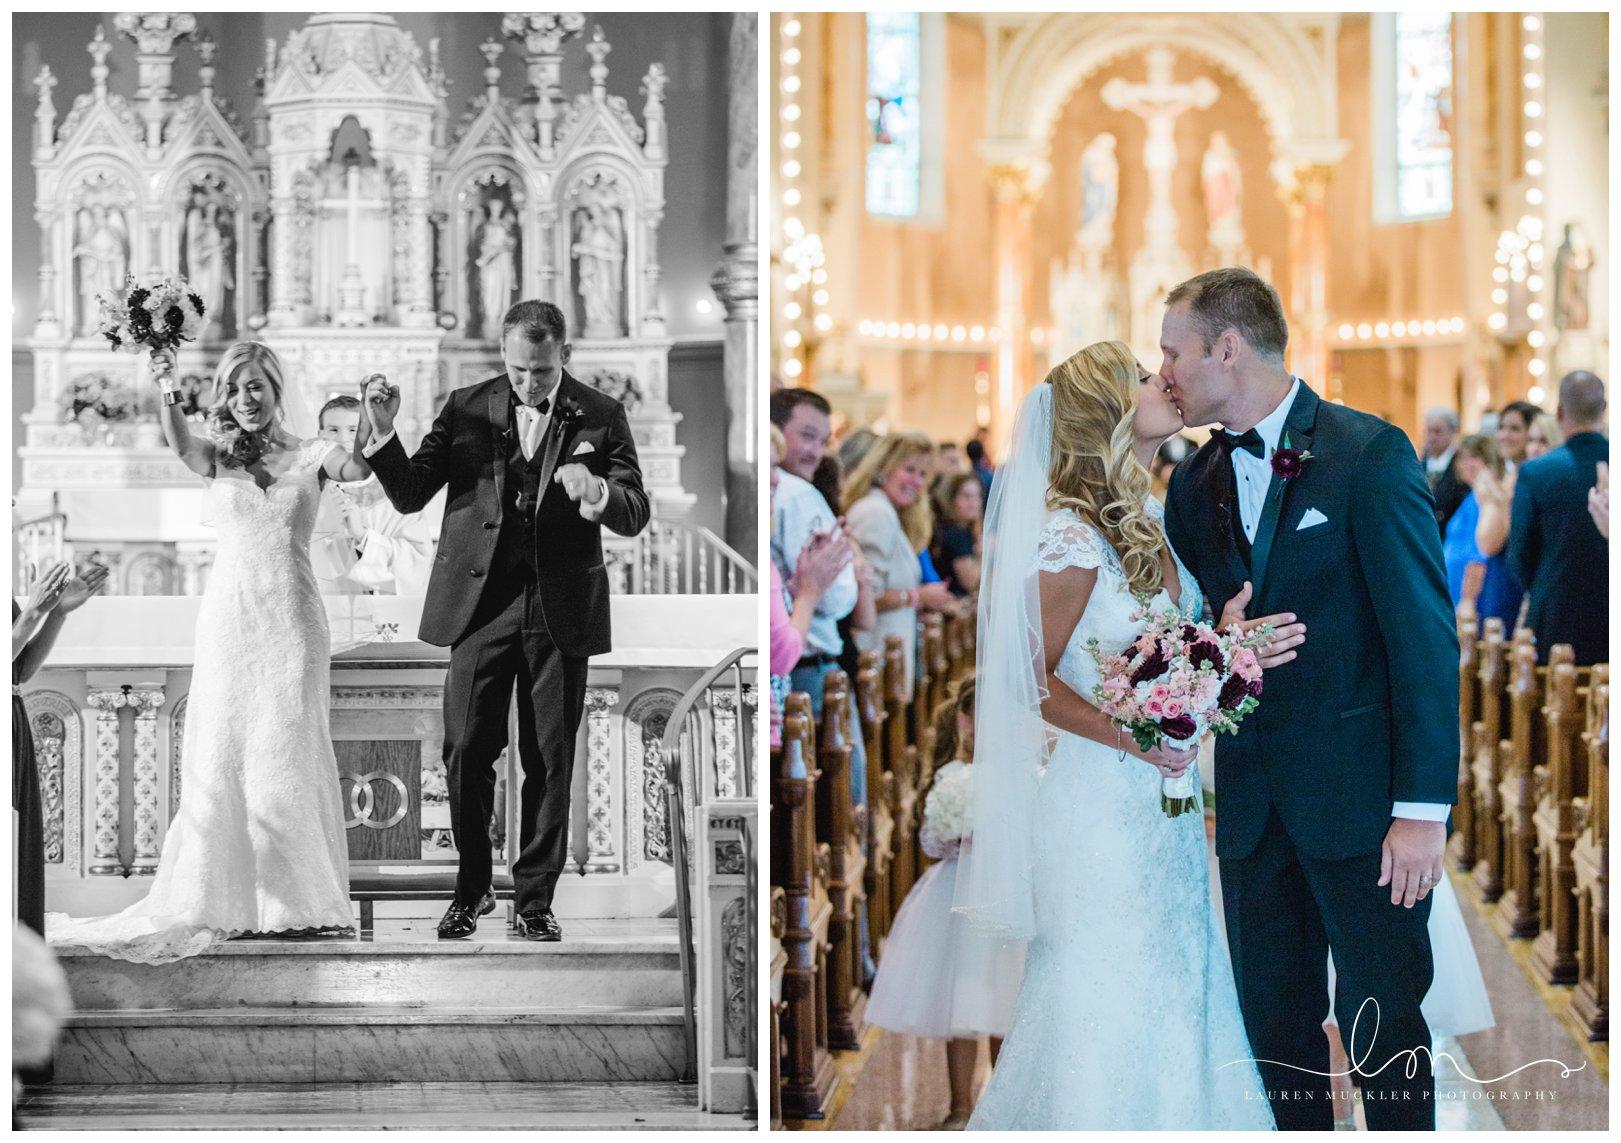 lauren muckler photography_fine art film wedding photography_st louis_photography_0812.jpg